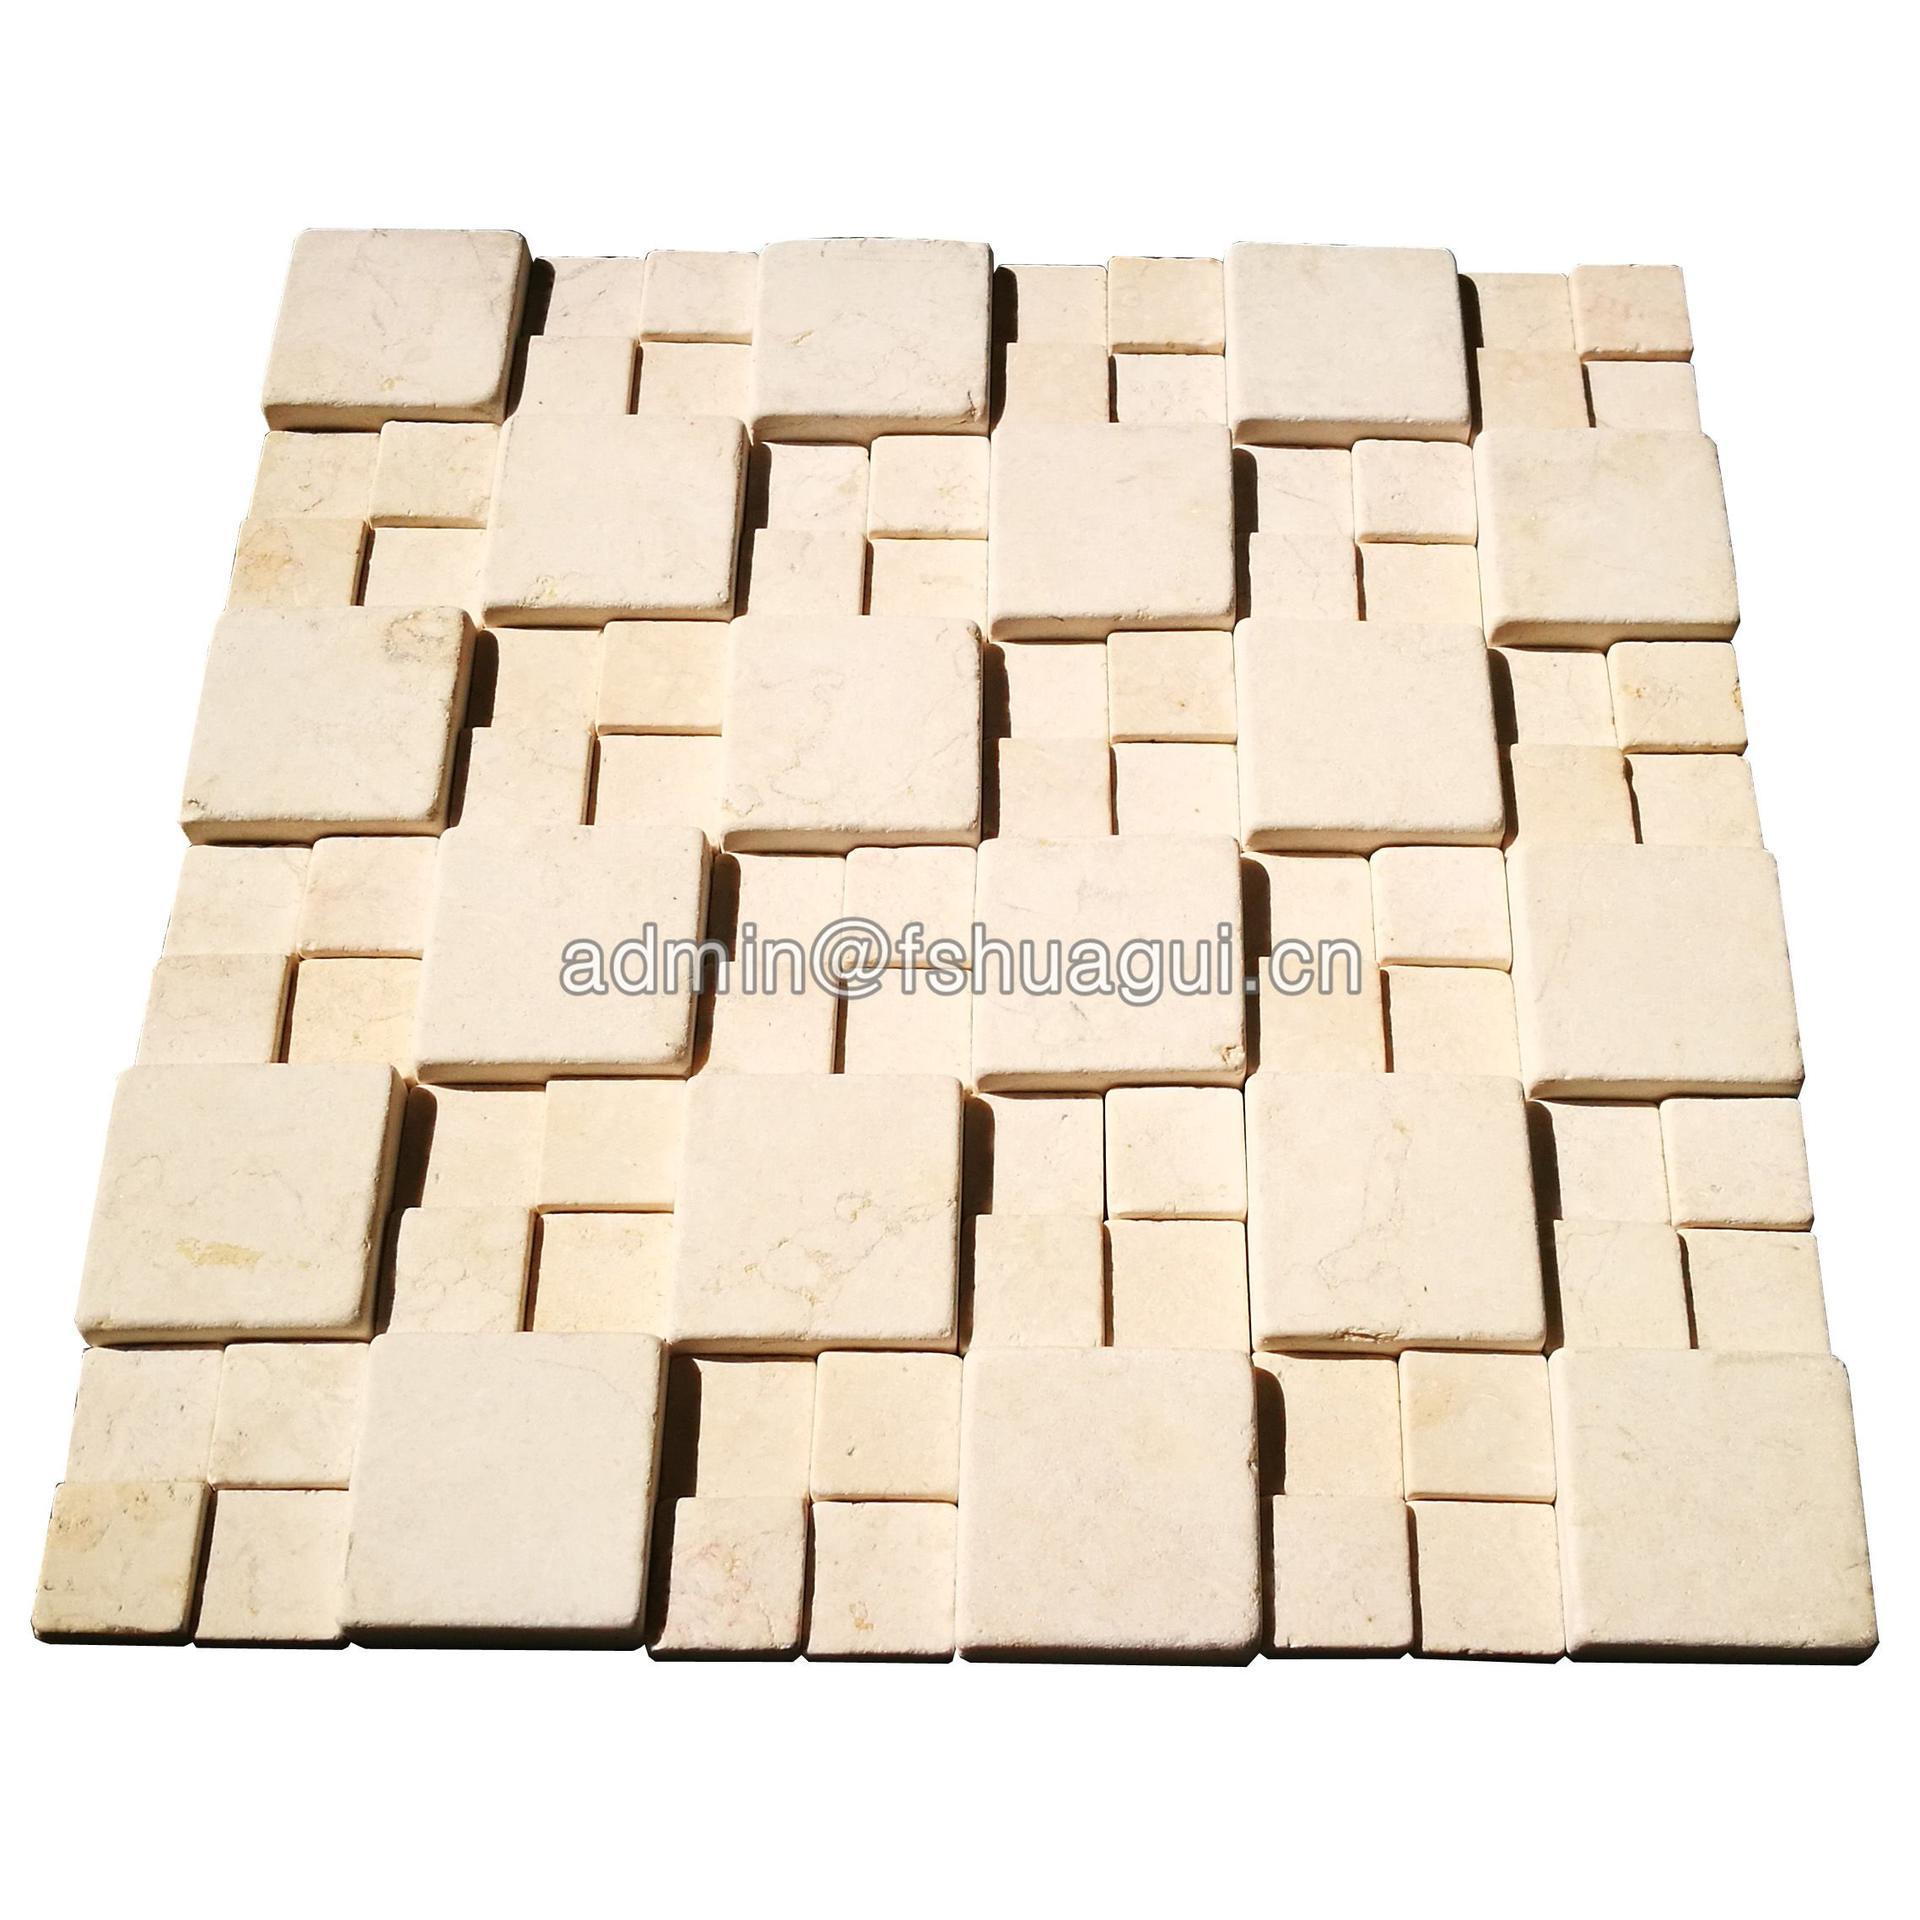 New design 3D effect natural stone mosaic tile design idea